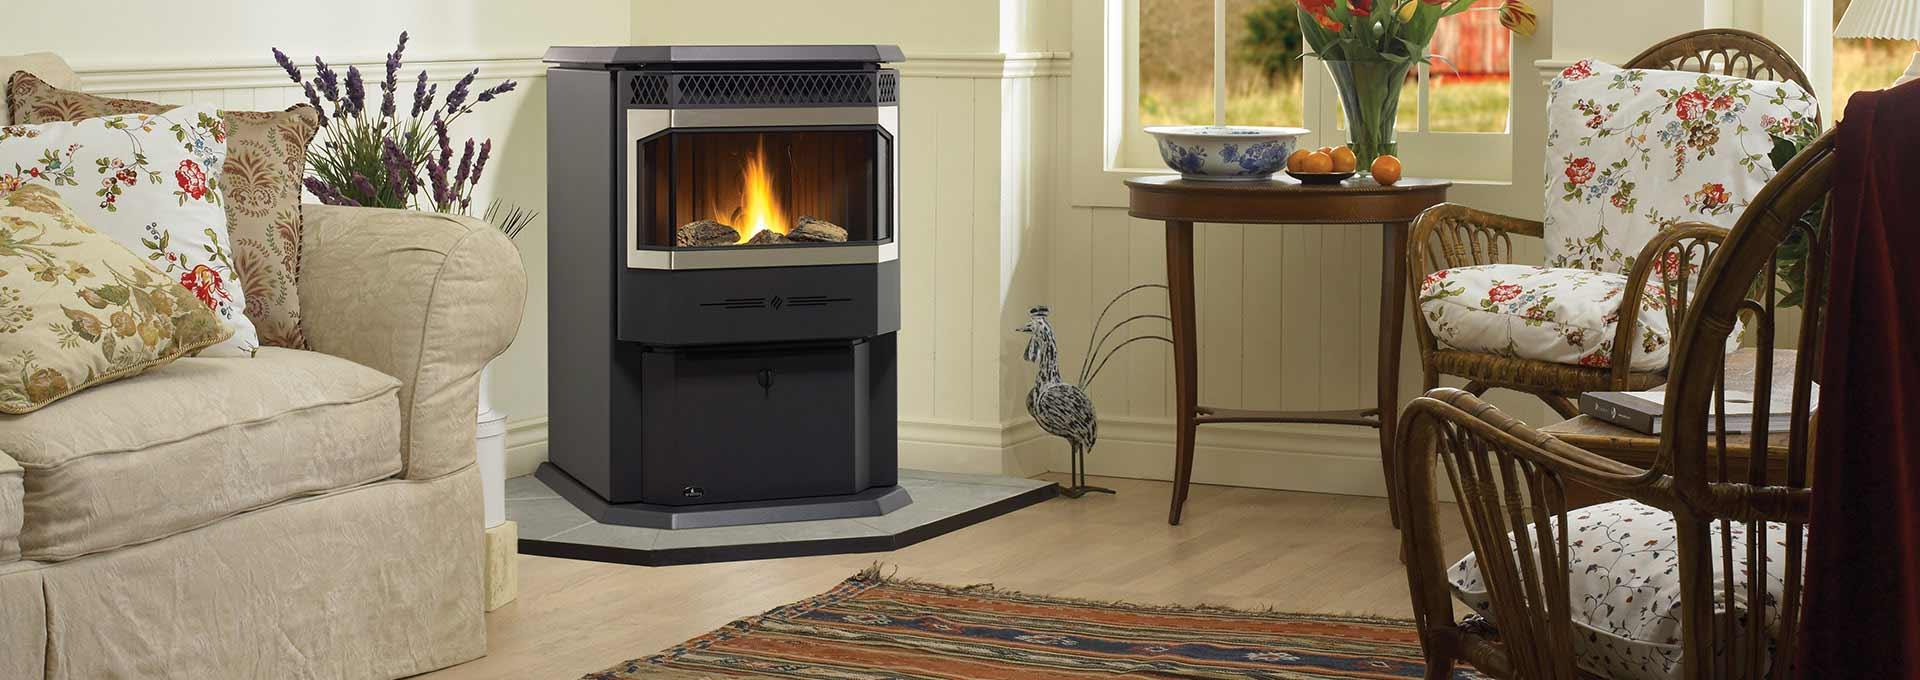 GF55 B 1920x980.aspx?width=1920 100 [ fireplace pellet insert ] home,pellet fireplace insert  at n-0.co